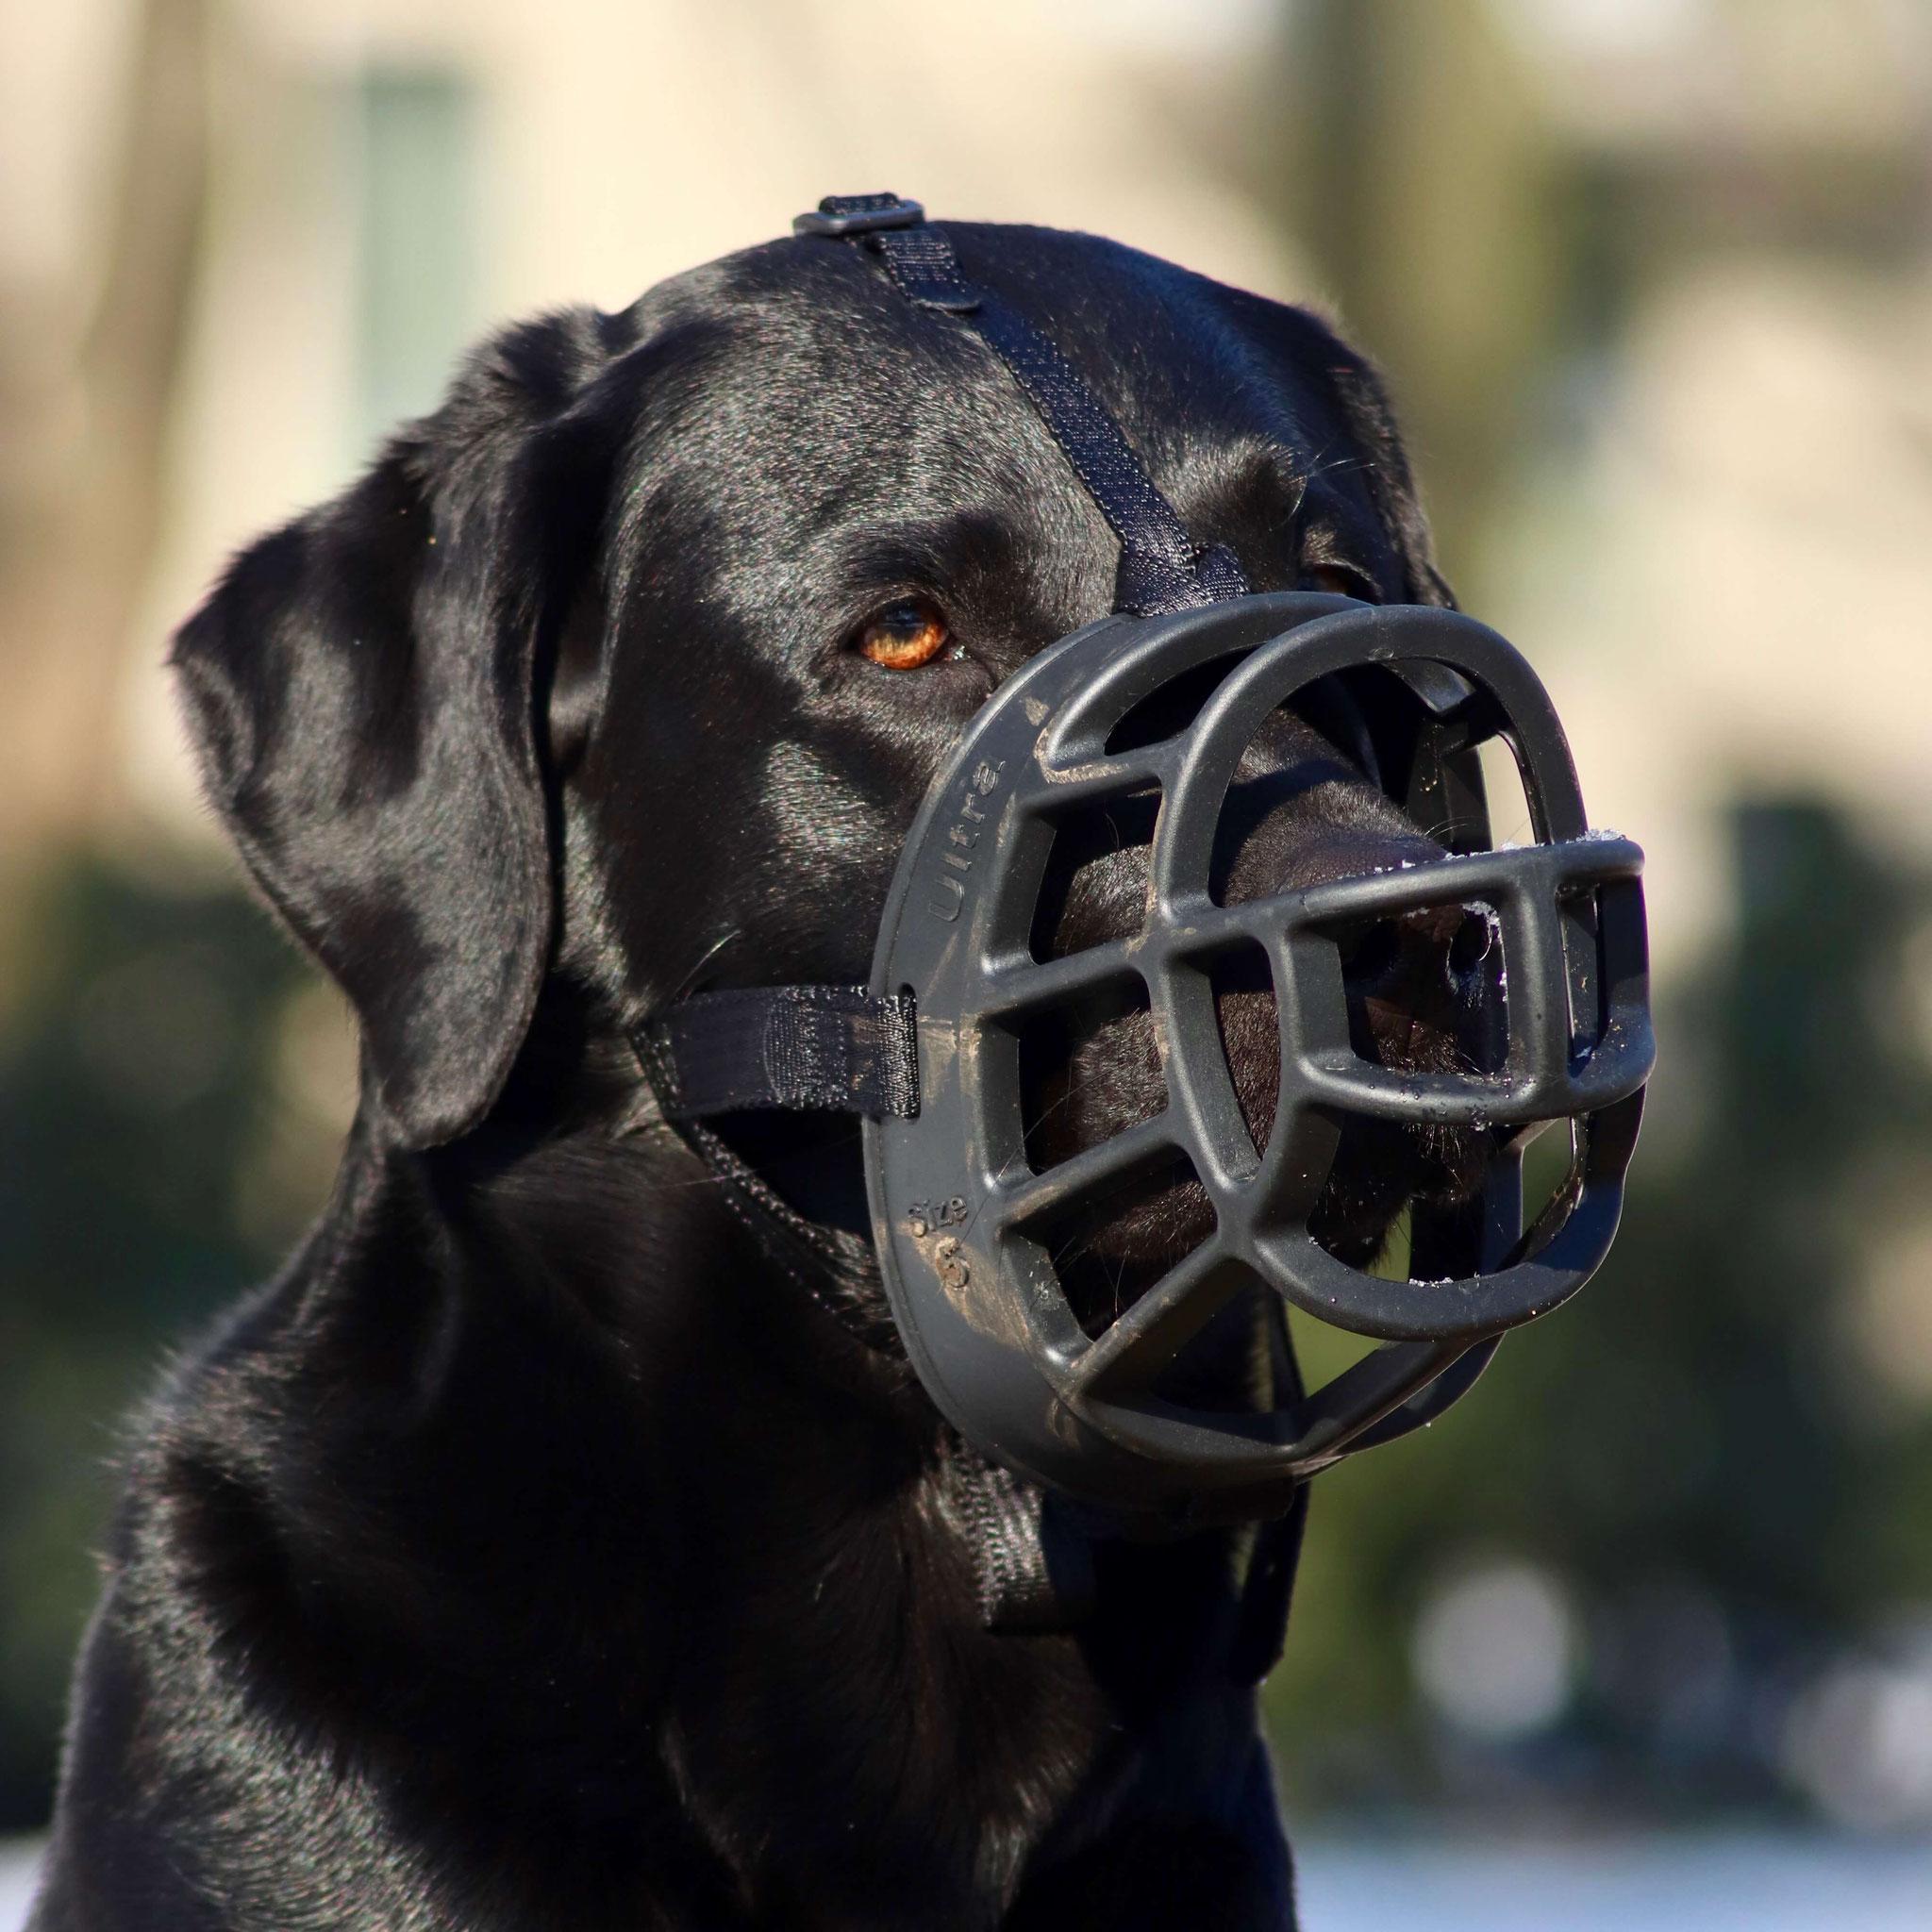 Jeder Hund sollte aus unterschiedlichen Gründen einen Maulkorb kennengelernt haben